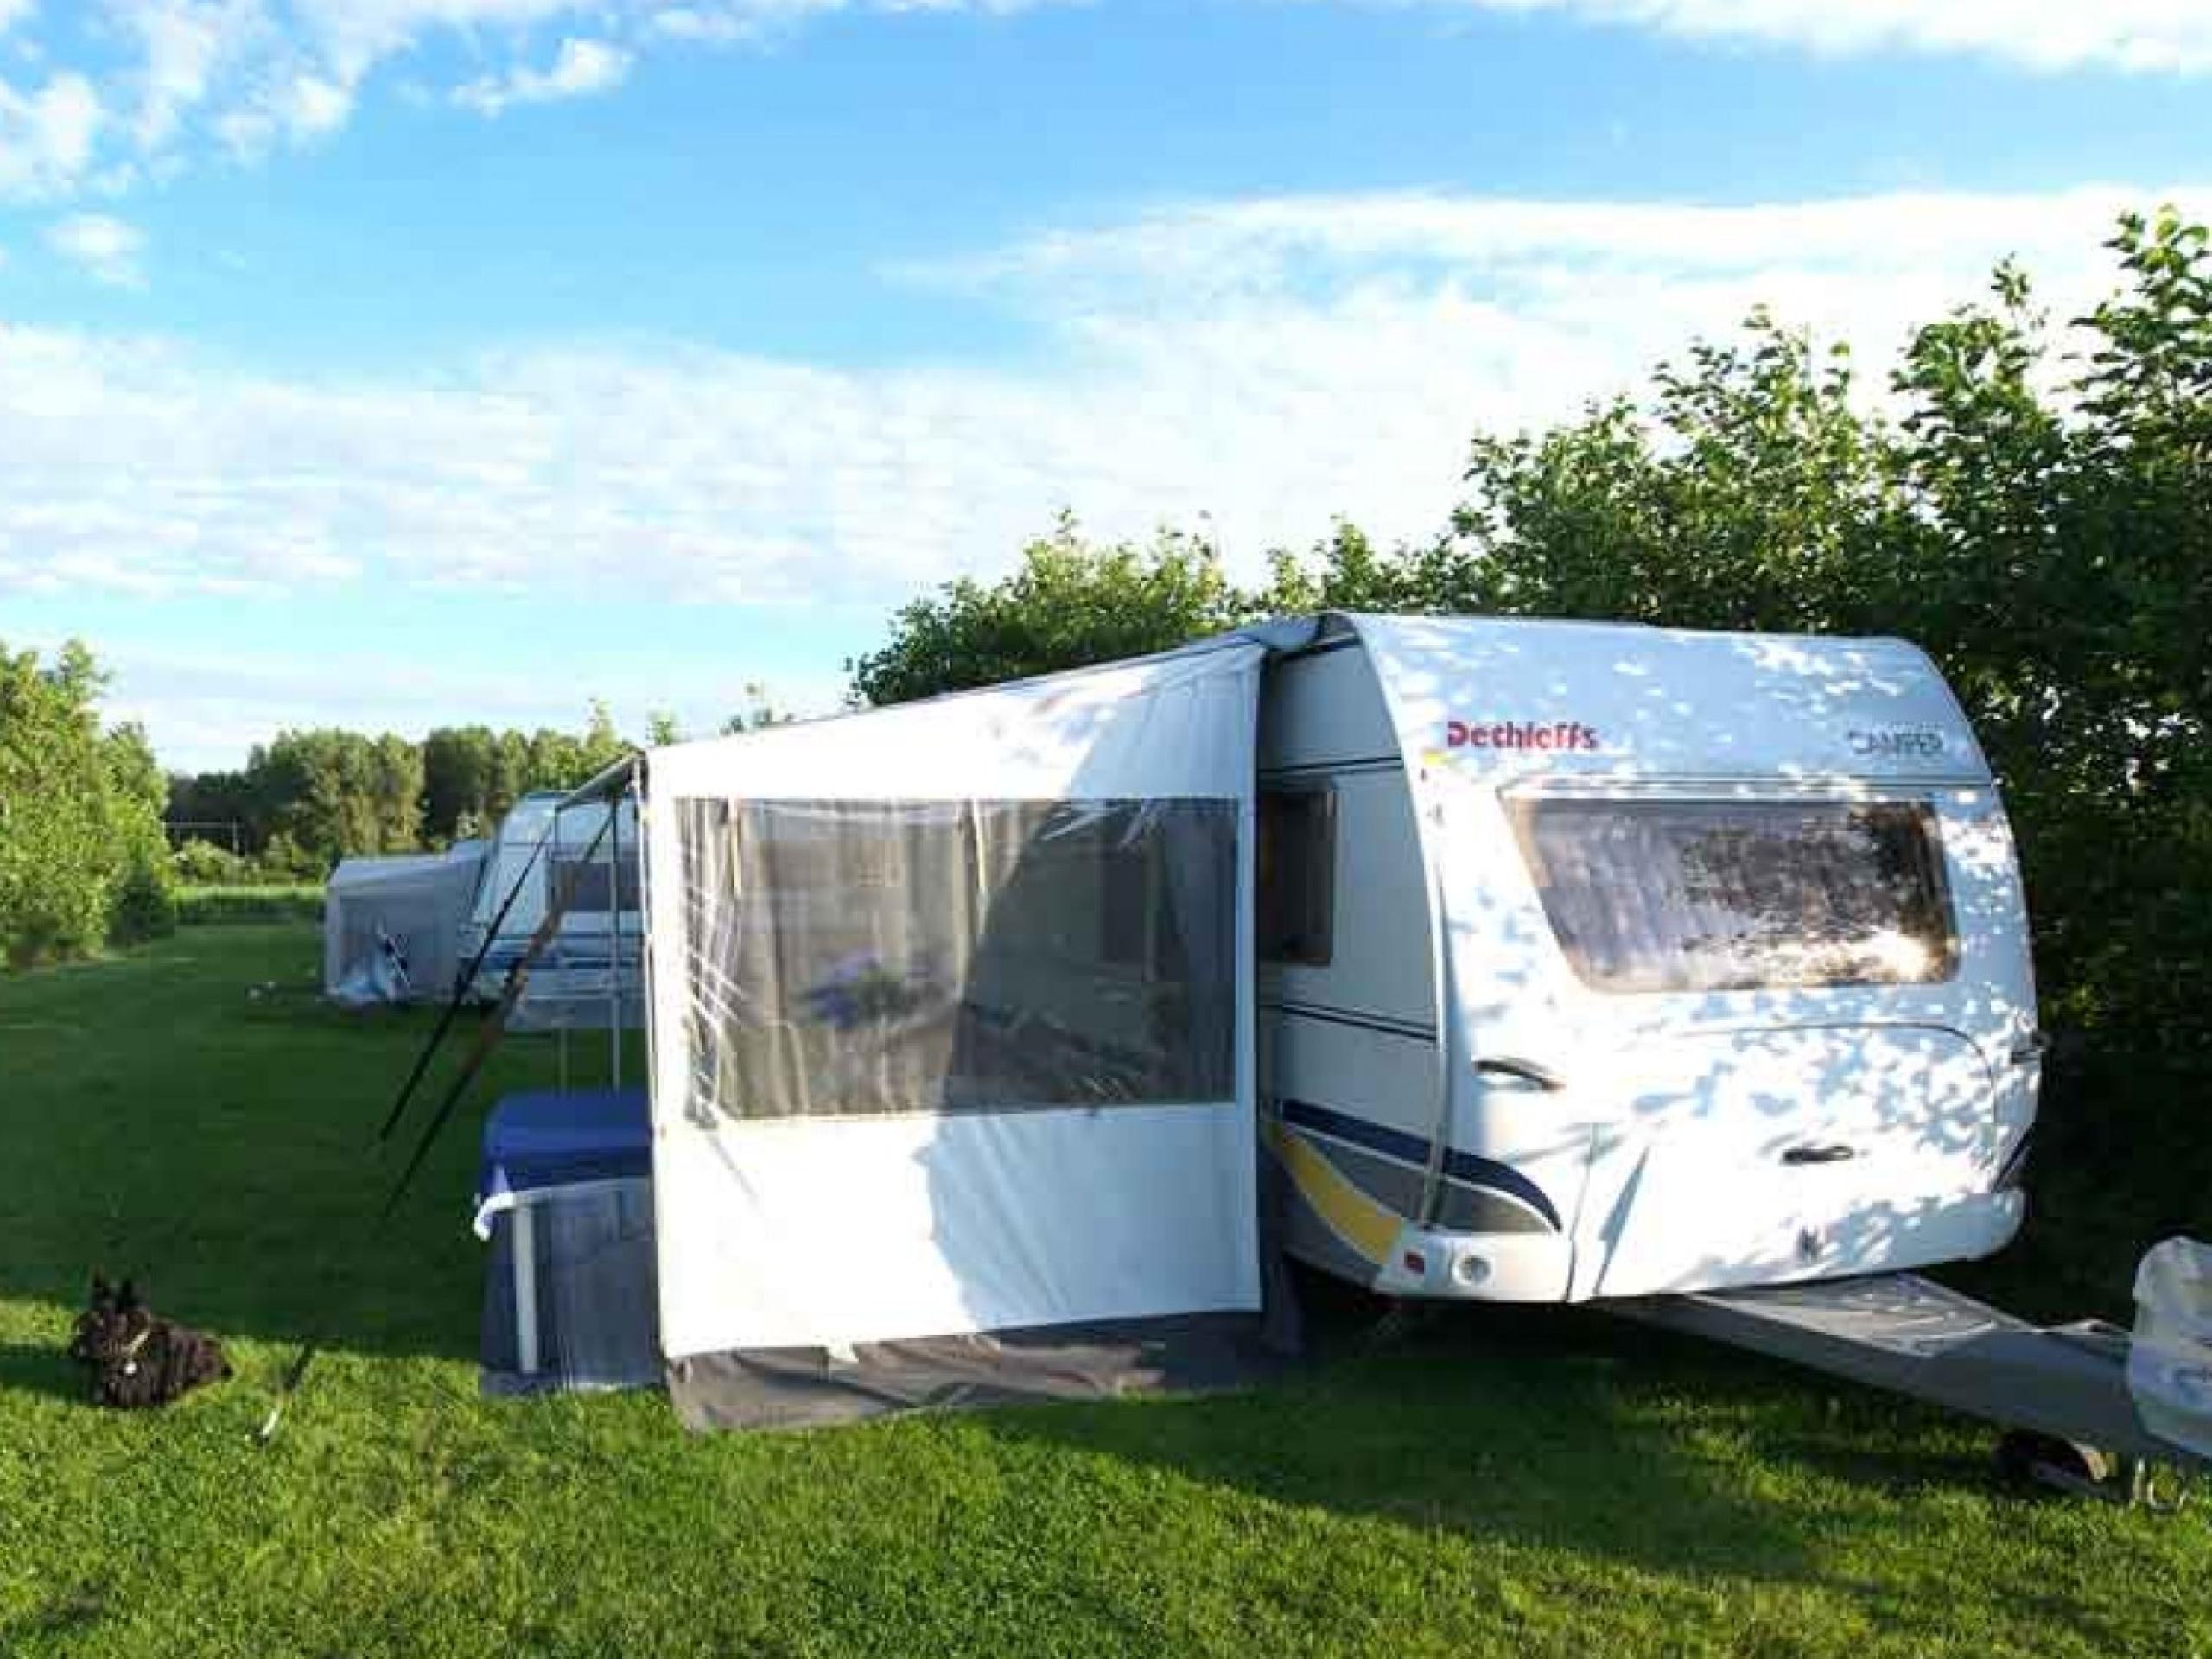 Camping op korte afstand van de Wadden- en de Noordzee